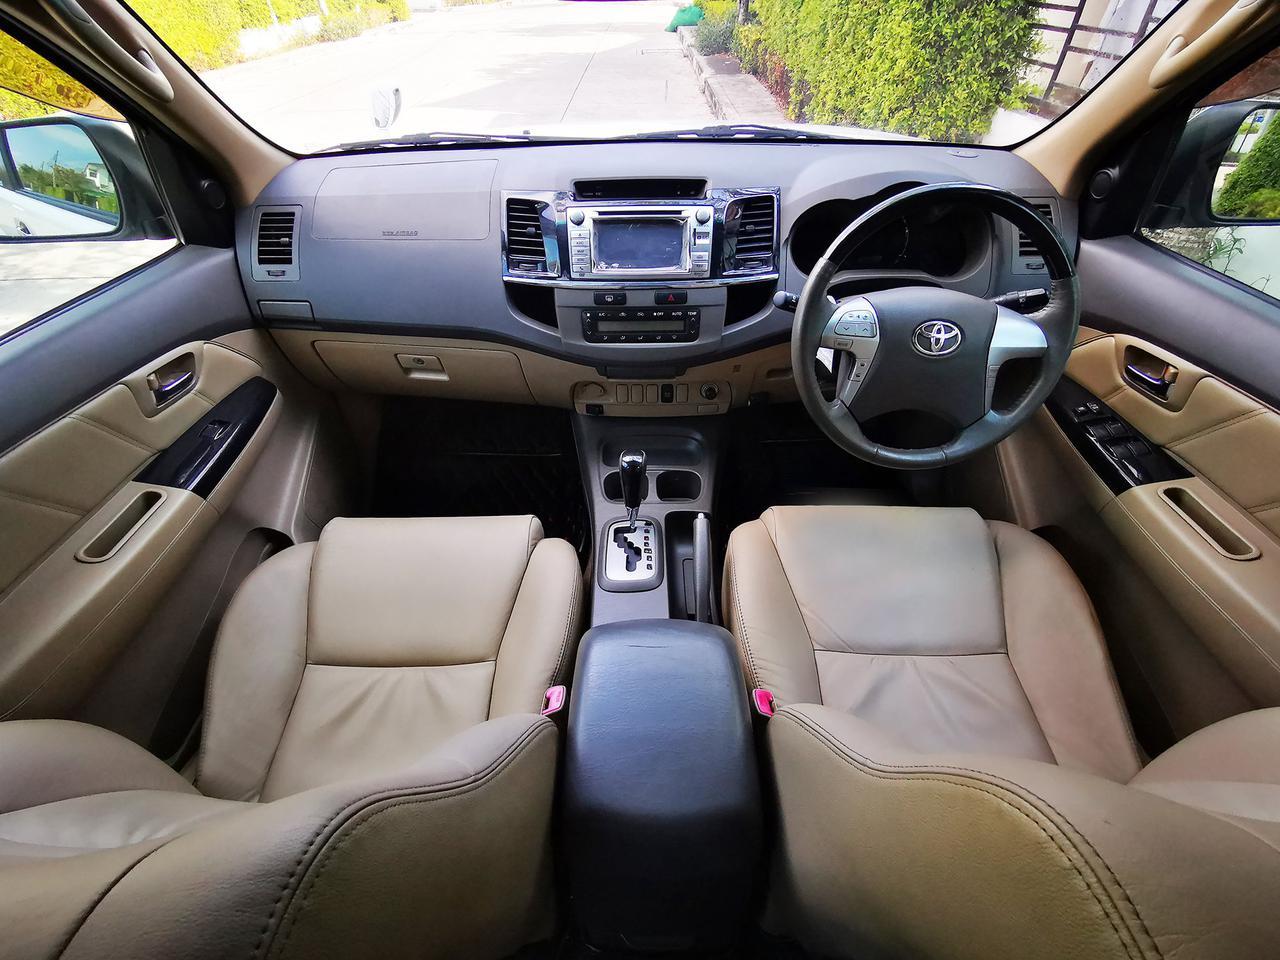 ขายรถมือสอง Fortuner 2.7 V (ปี 2013) สภาพสวยมาก เครื่องยนต์เบนซิน ใช้น้อยมาก ไมล์แท้  รูปที่ 4